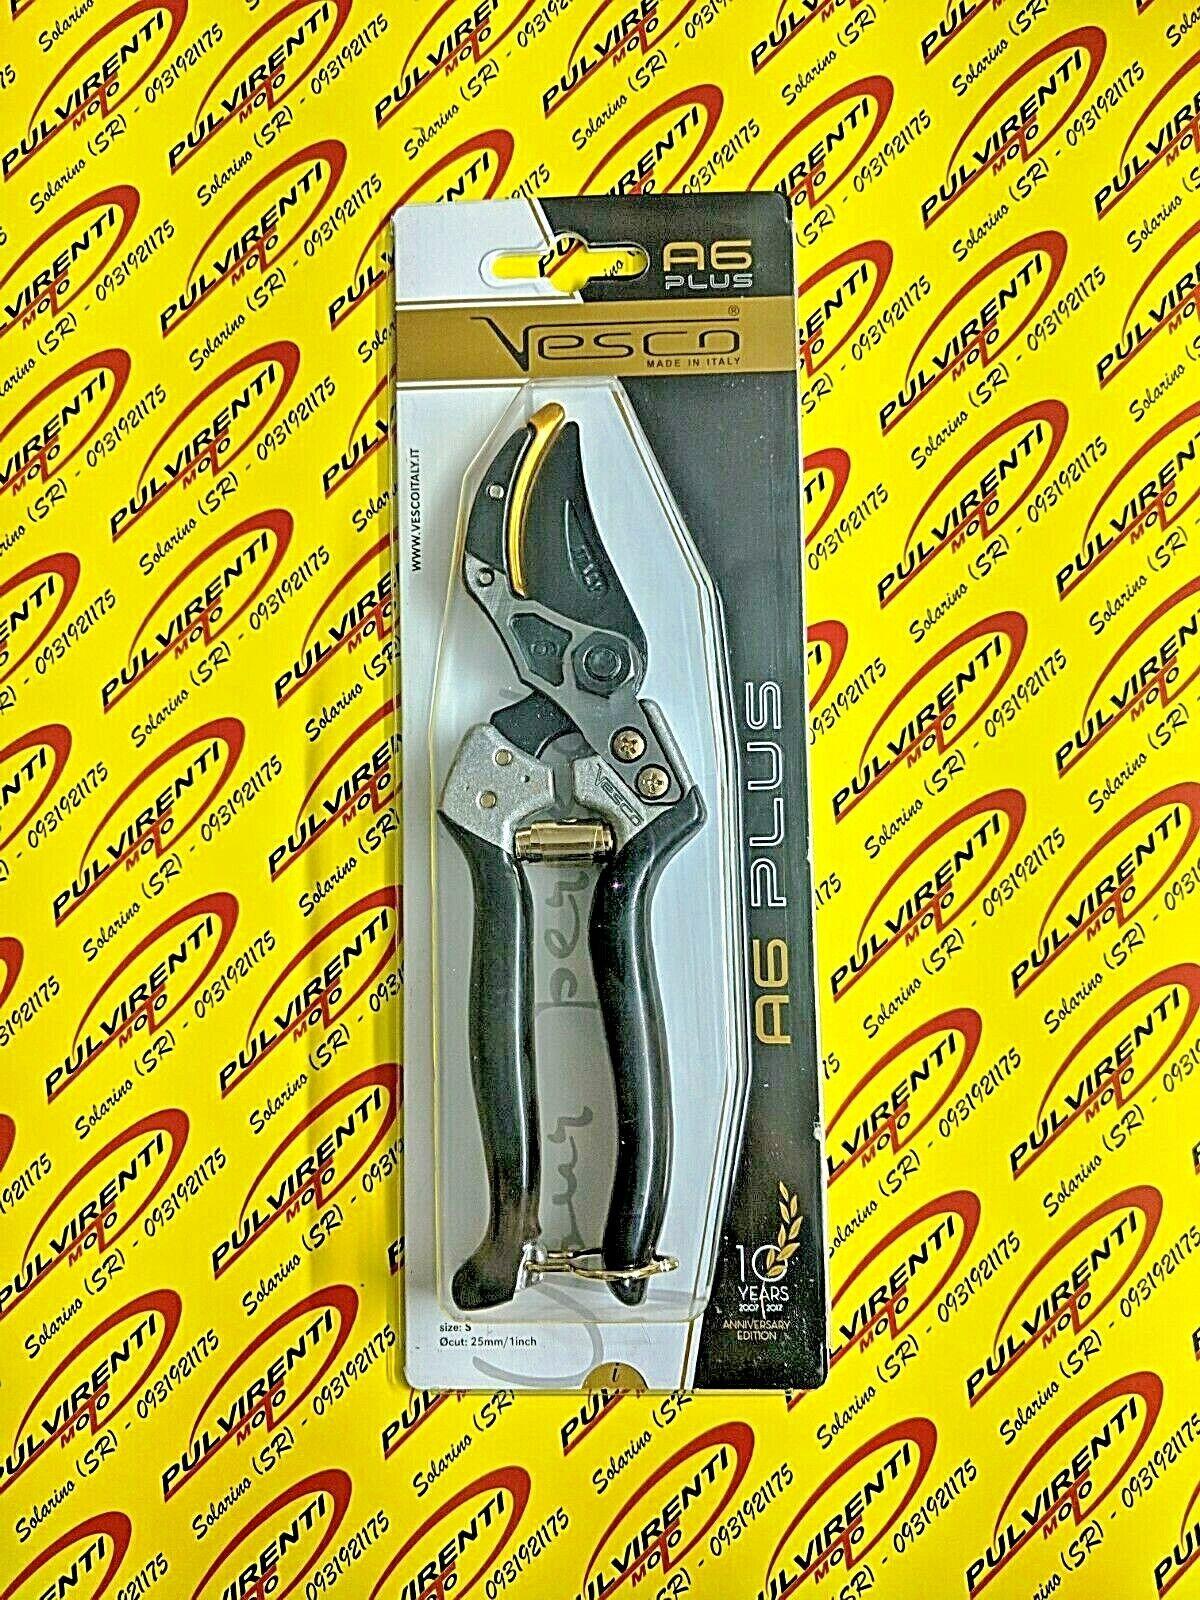 in vendita scontato del 70% VESCO A6 PLUS Forbice potatura a battente battente battente forgiata. - Made in .  fornire un prodotto di qualità